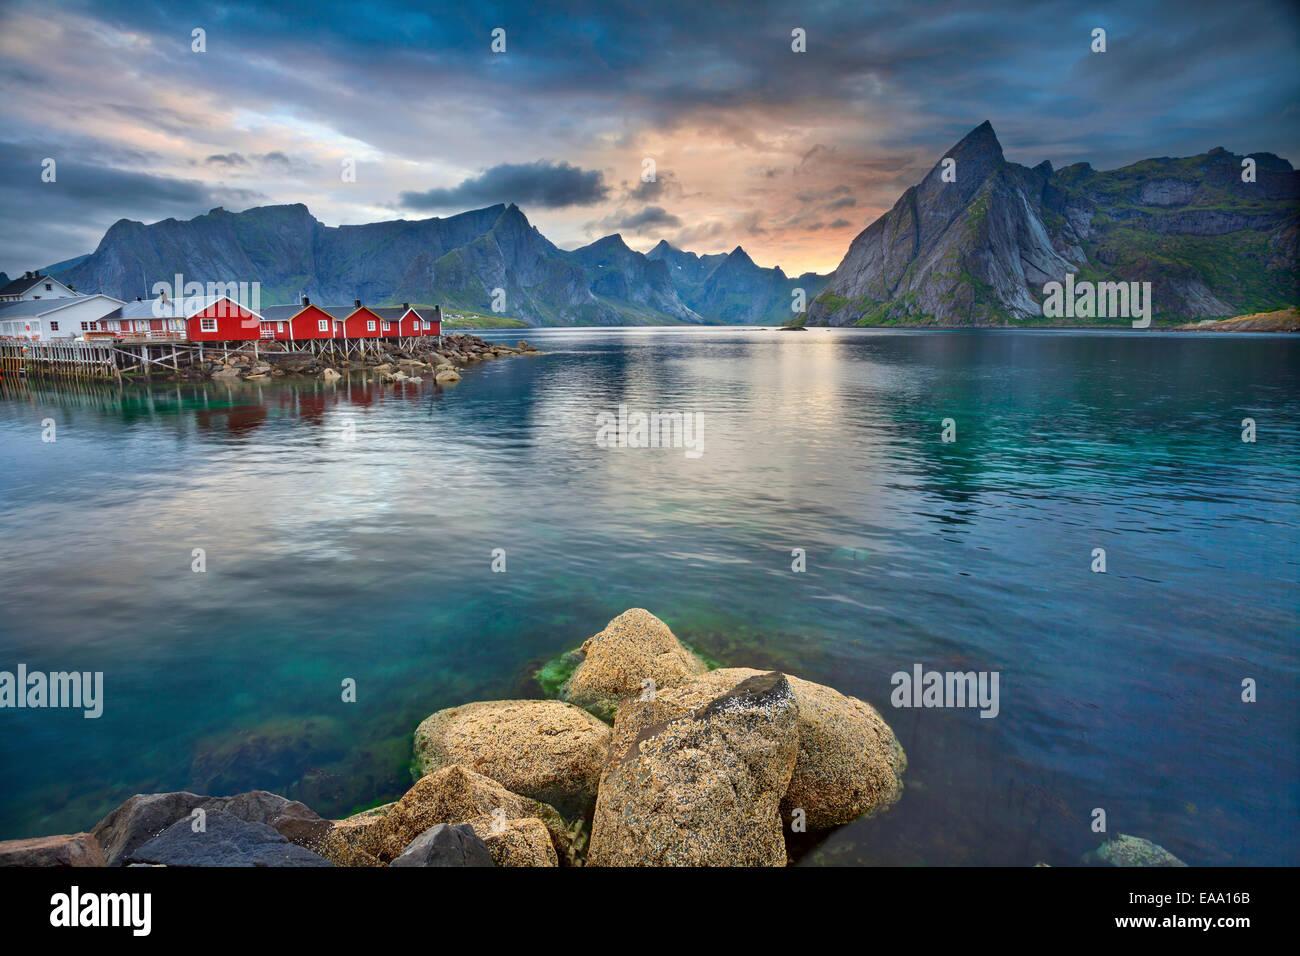 Immagine delle isole Lofoten in Norvegia durante il bellissimo tramonto. Foto Stock